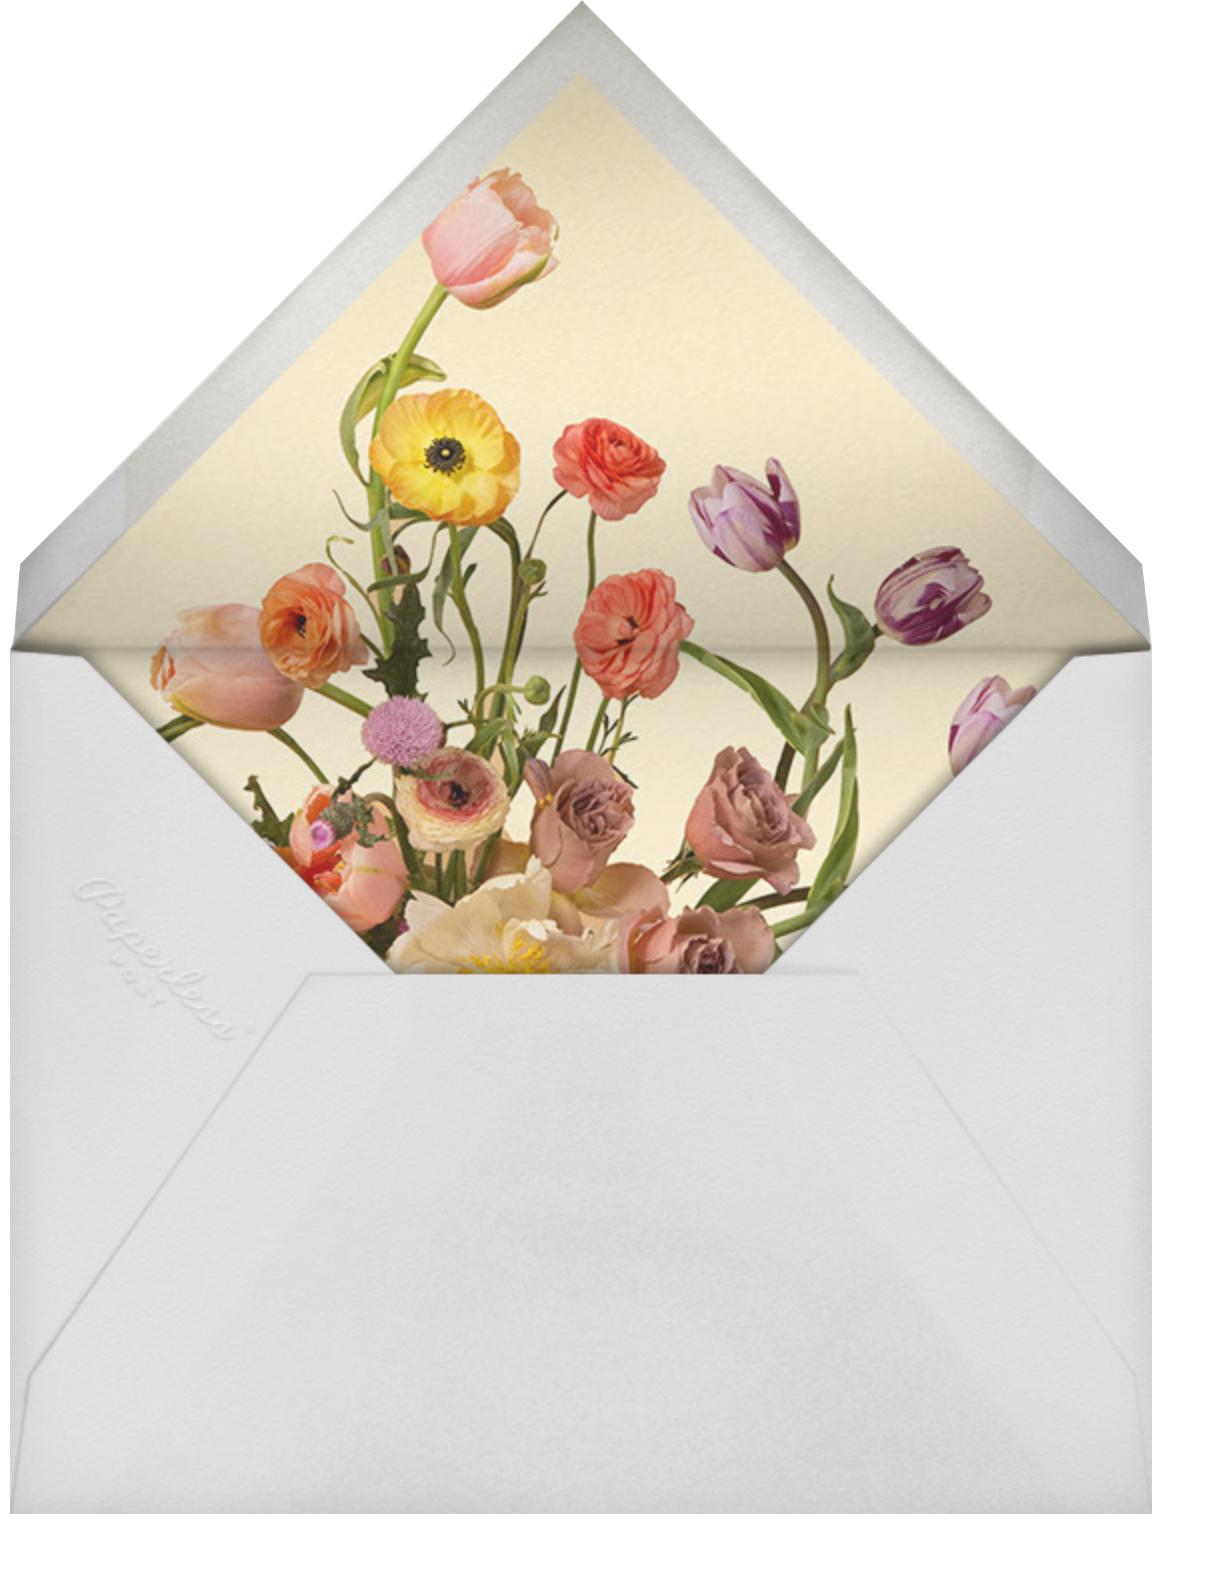 Prairial Photo - Putnam & Putnam - Rehearsal dinner - envelope back